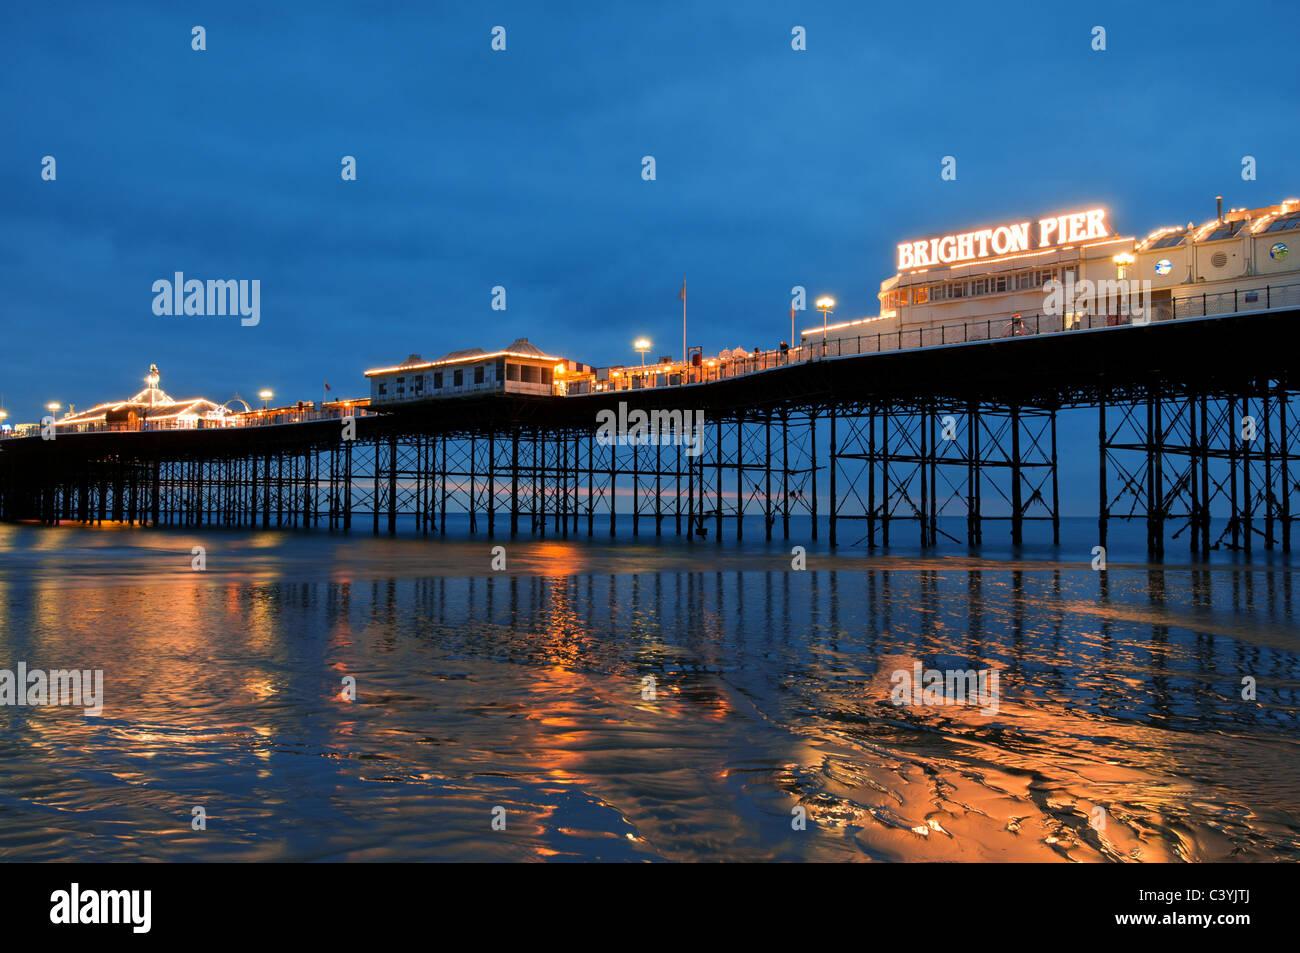 La jetée de Brighton, Sussex, Angleterre,uk,voyager,europe,plage,côtes,espace,pier,victorian,nuit, crépuscule, Photo Stock